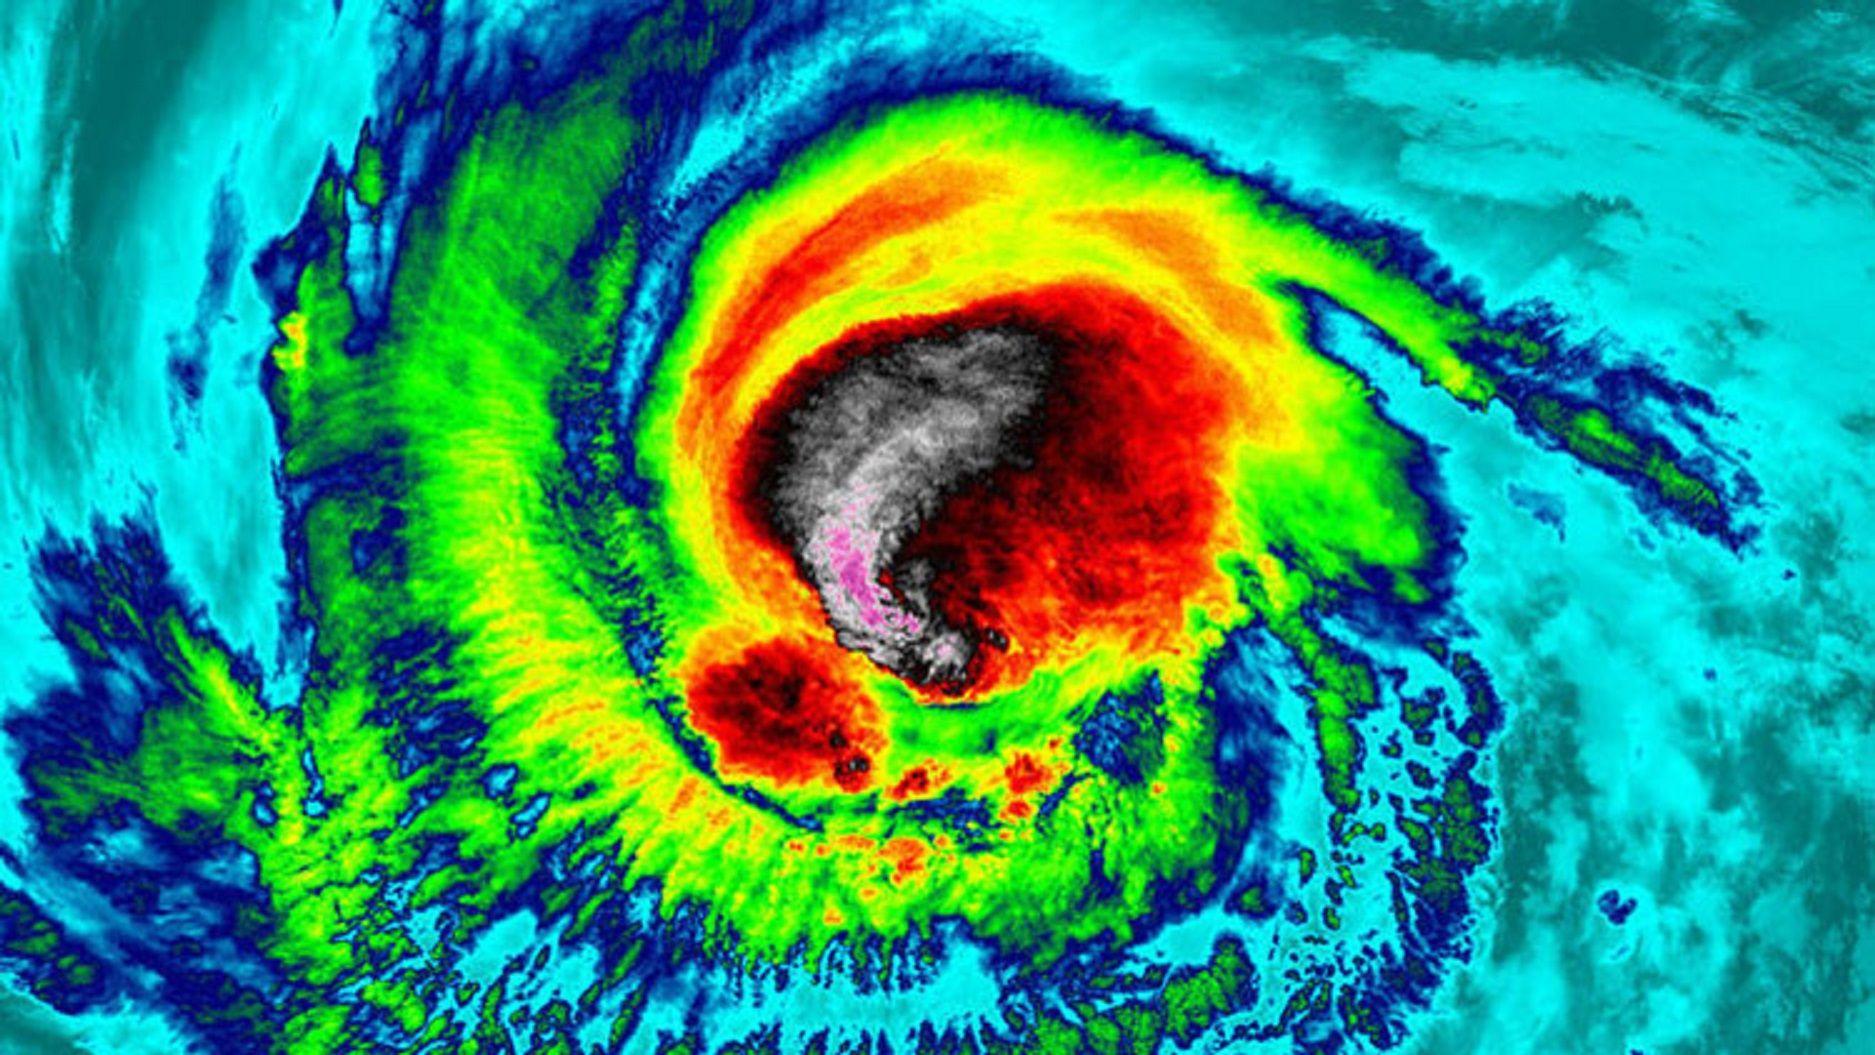 El huracán Irma podría causar más daño que Katrina